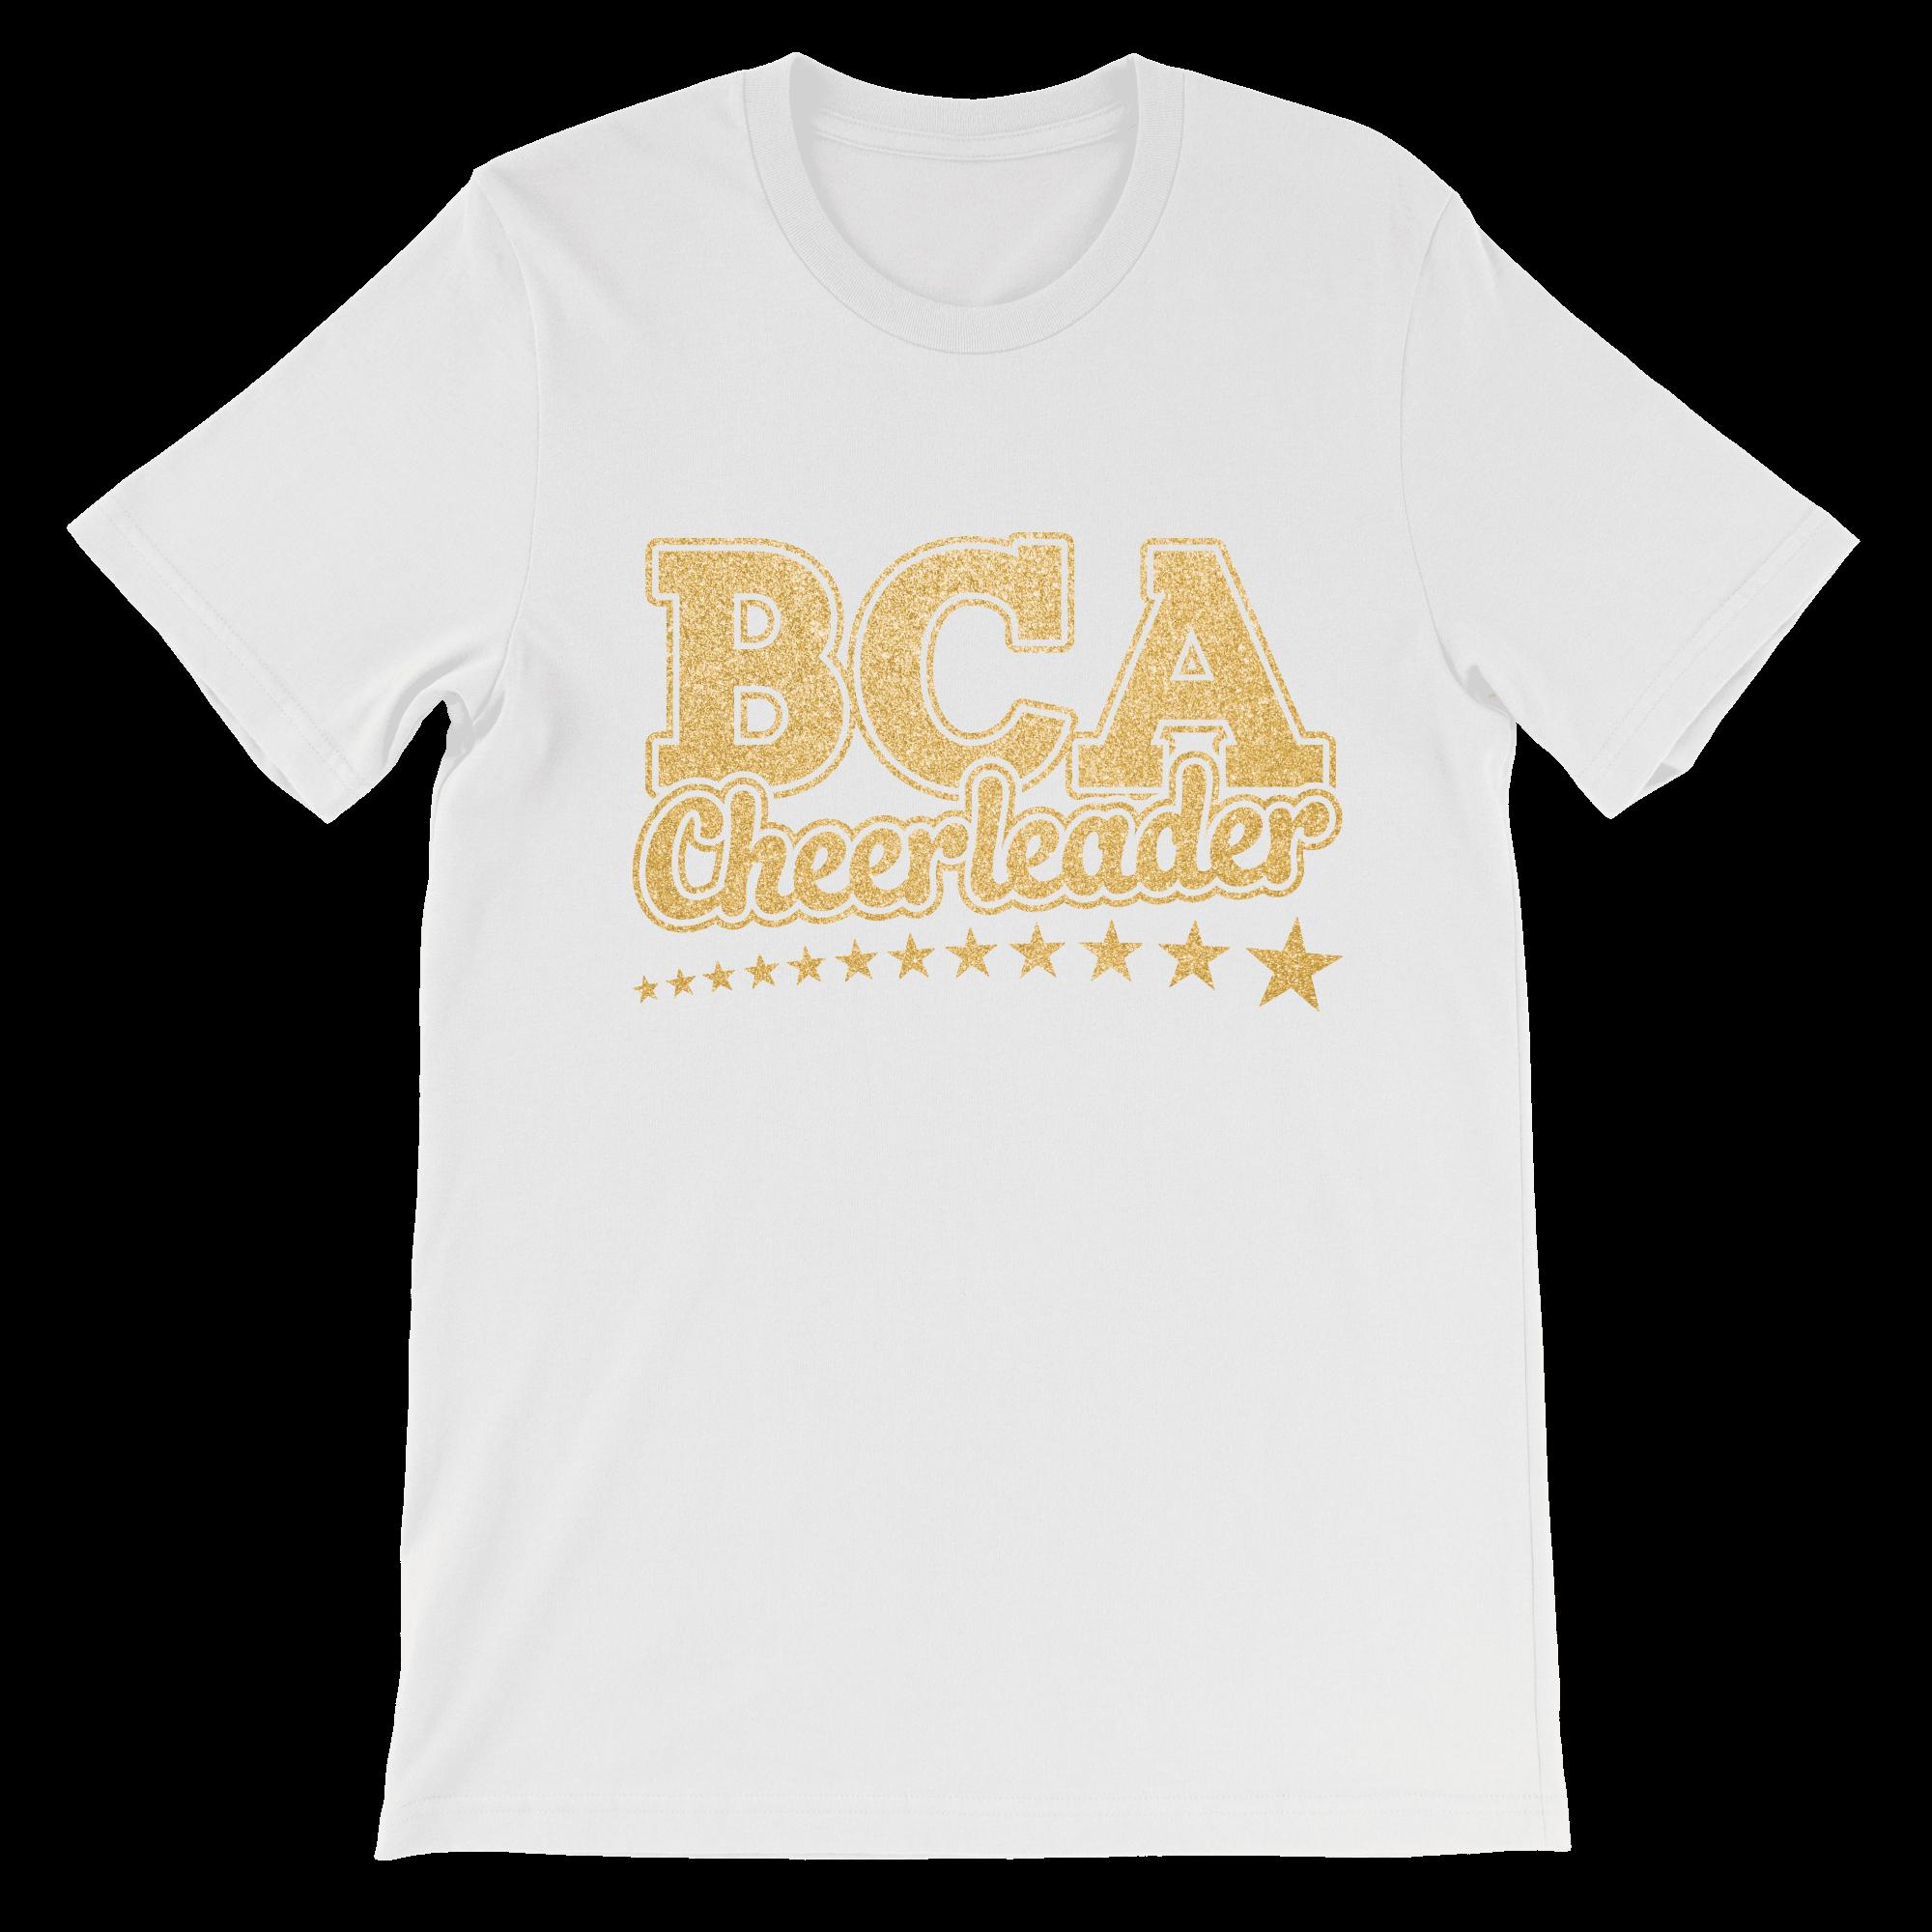 BCASCV001-1